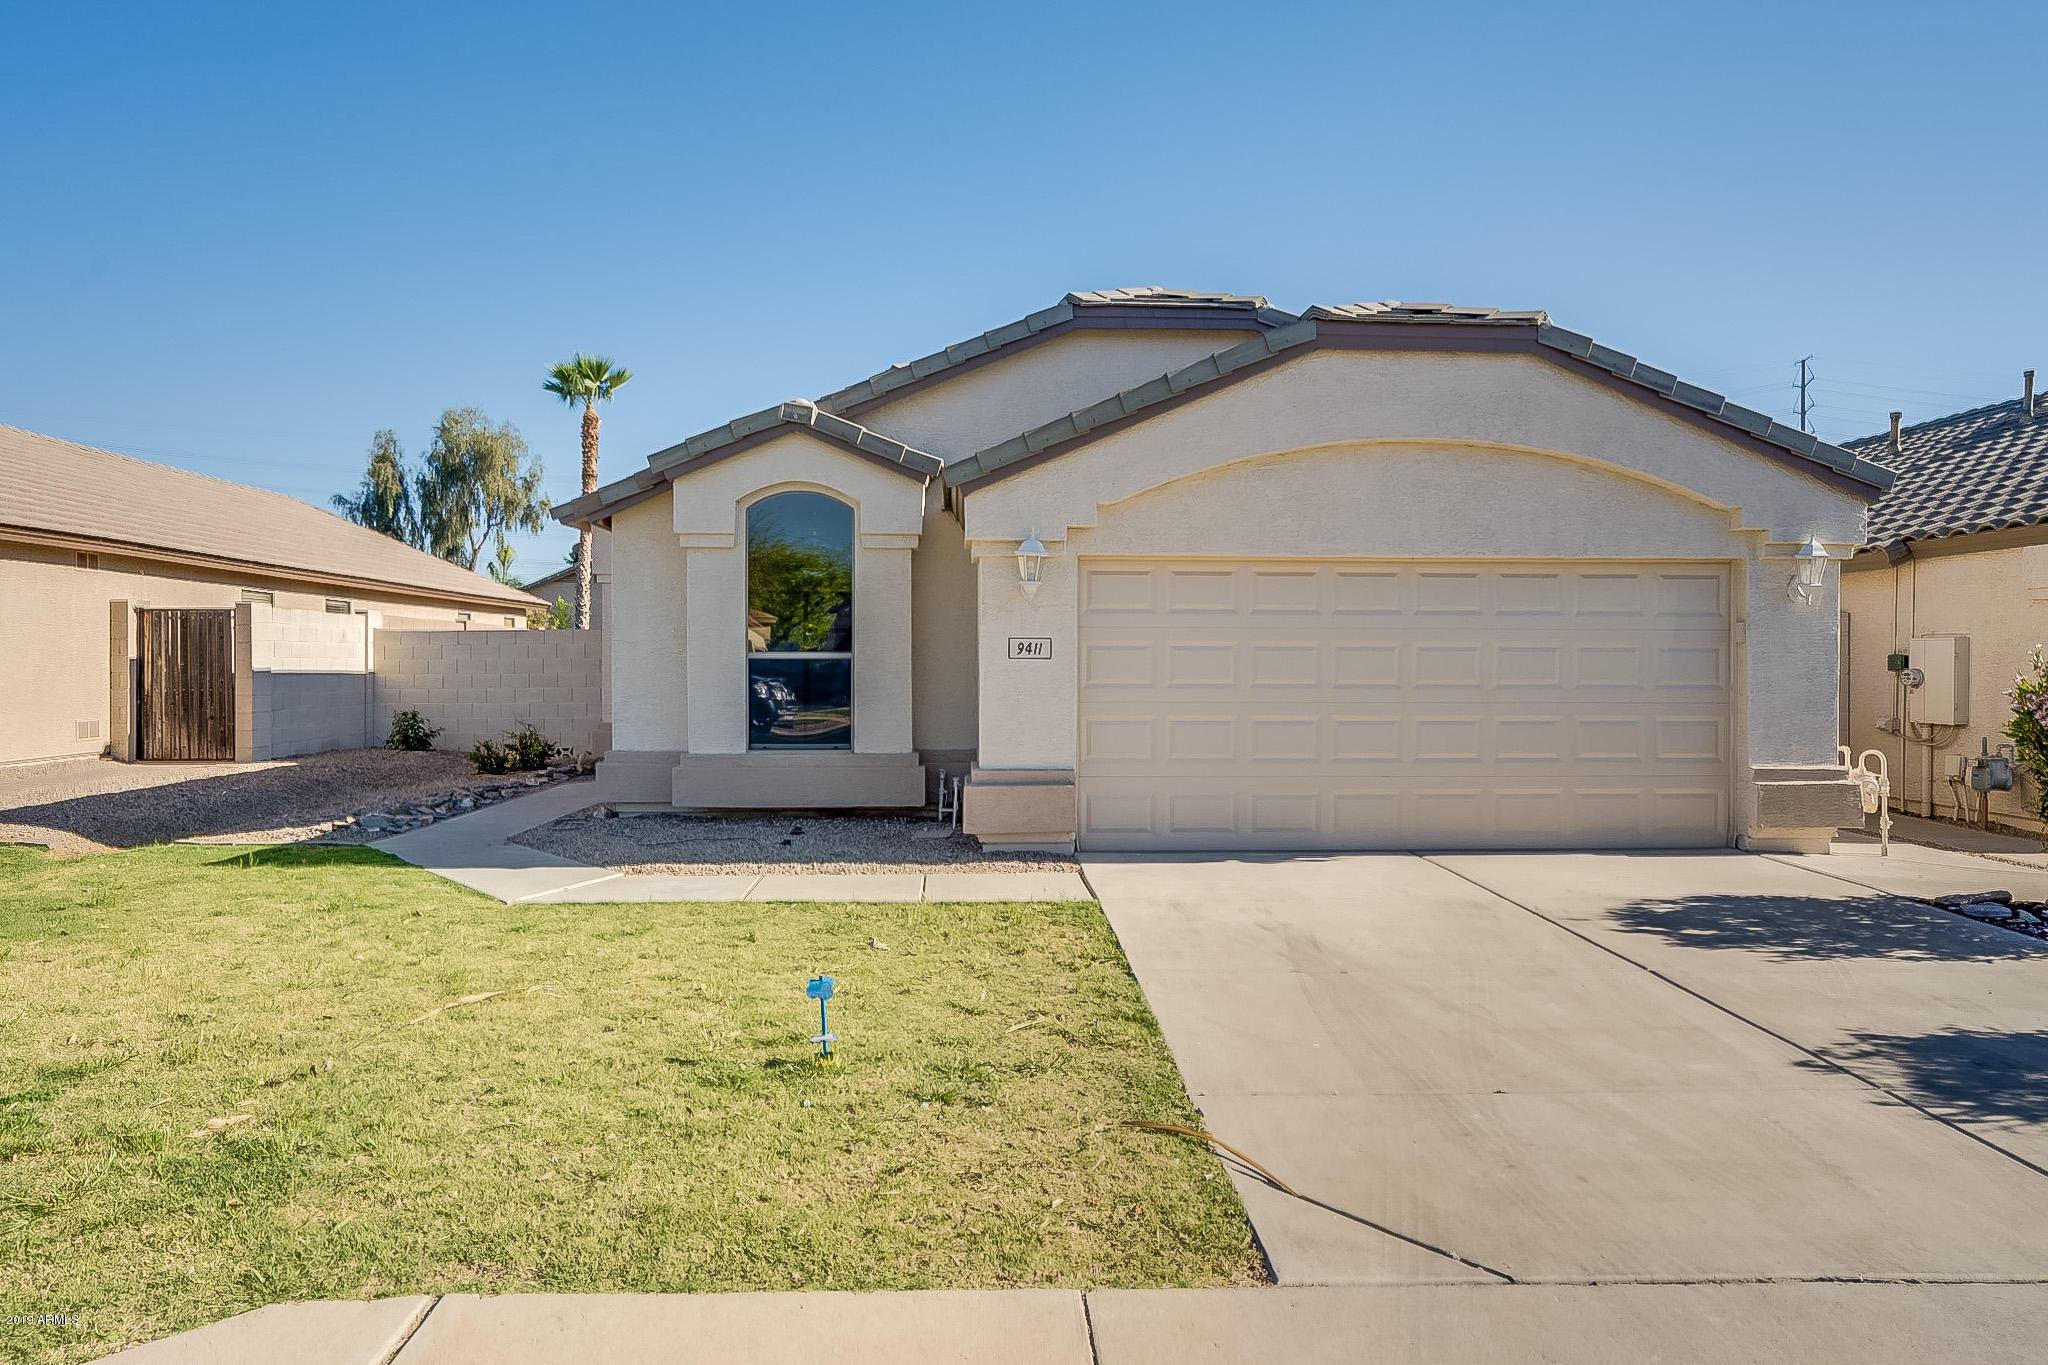 Photo of 9411 E PAMPA Avenue, Mesa, AZ 85212